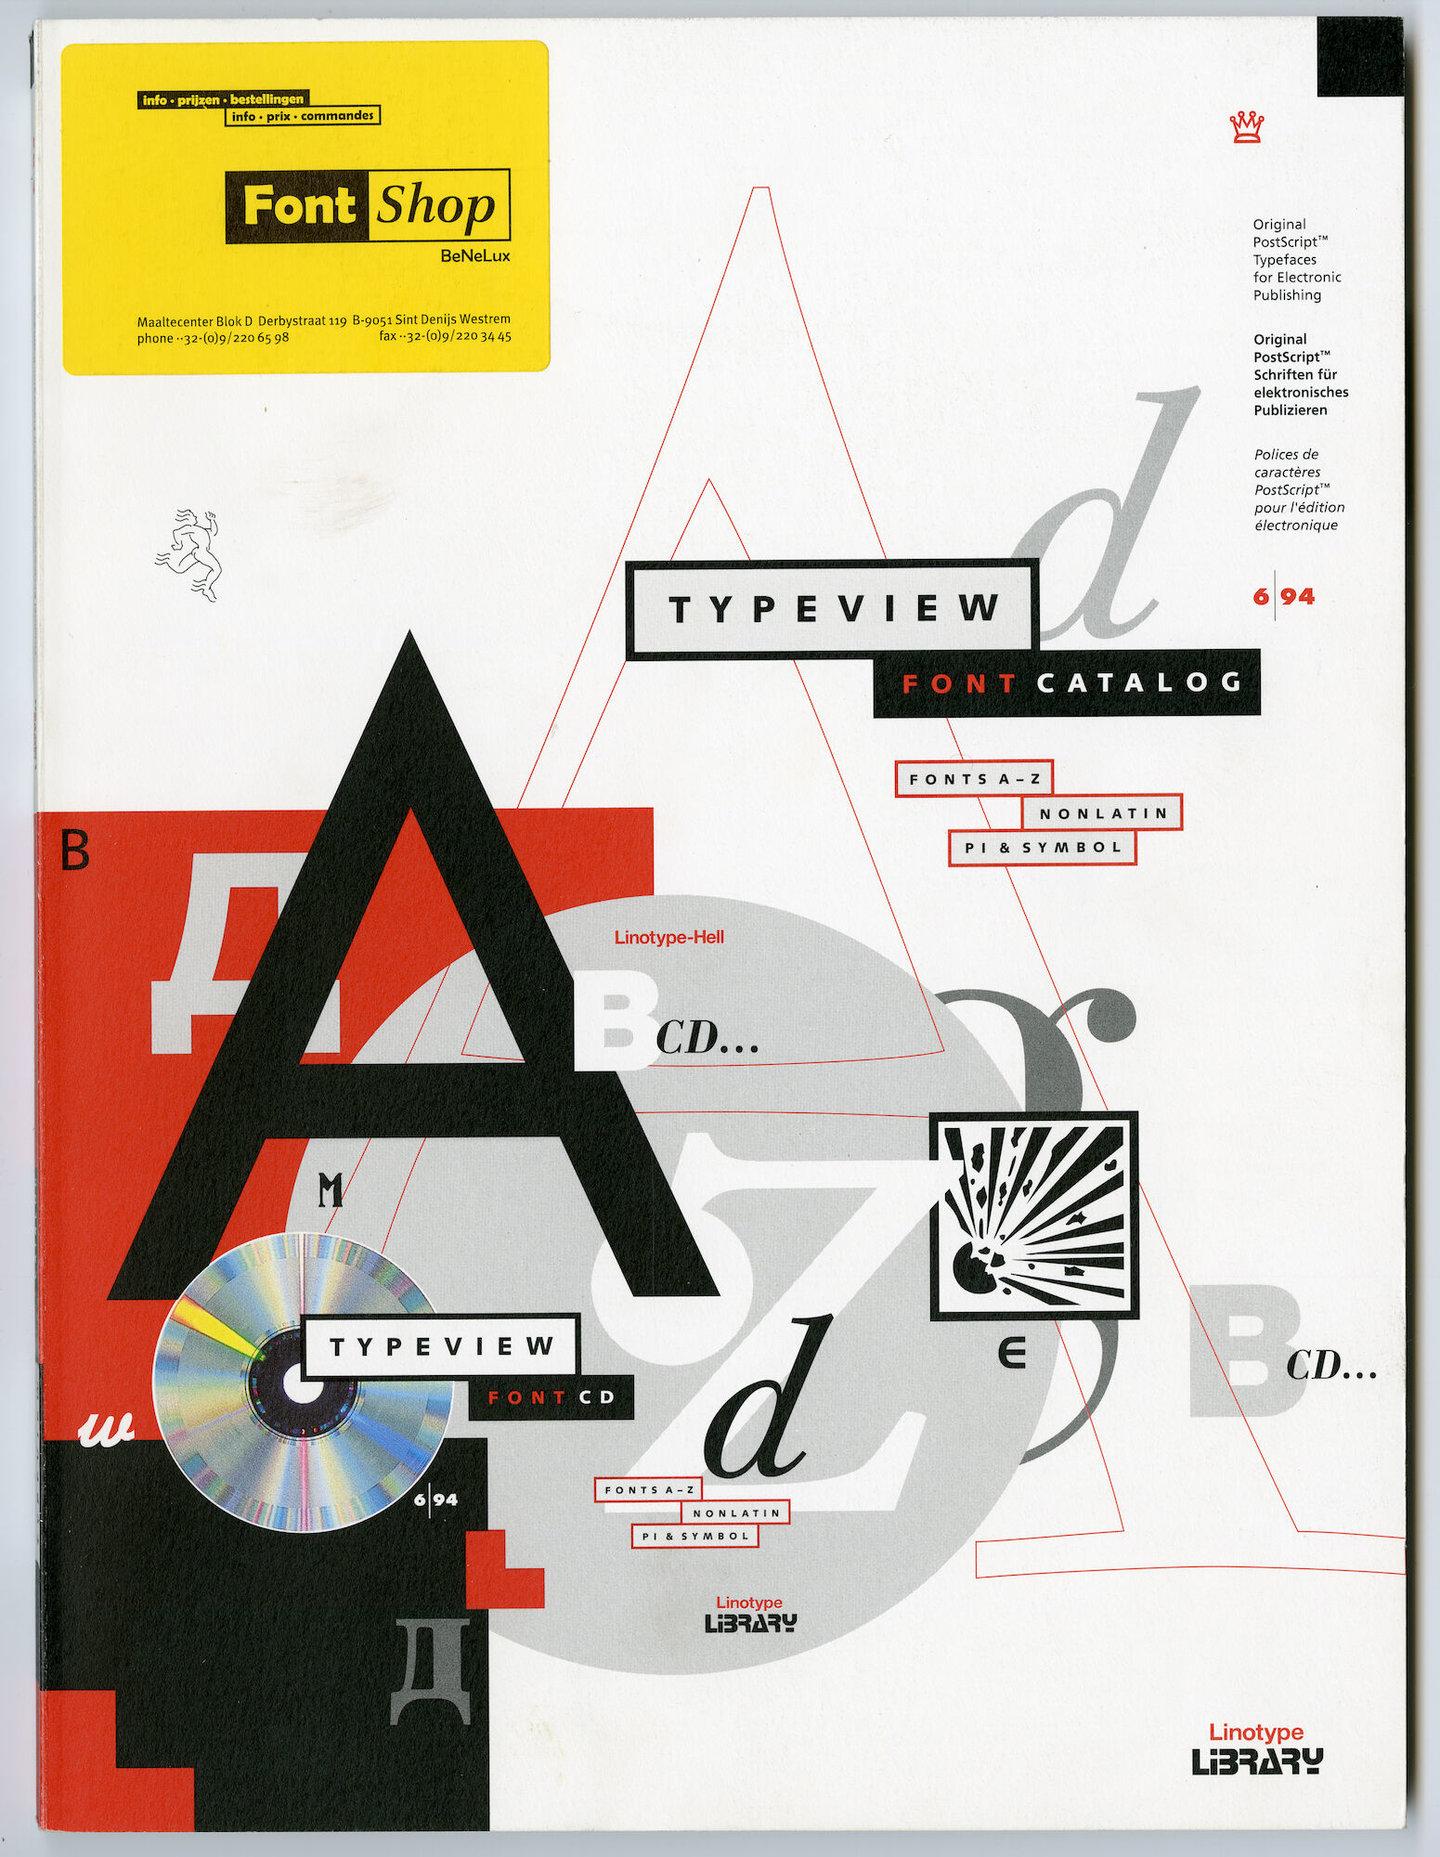 Letterproef met digitale lettertypes van Linotype Library